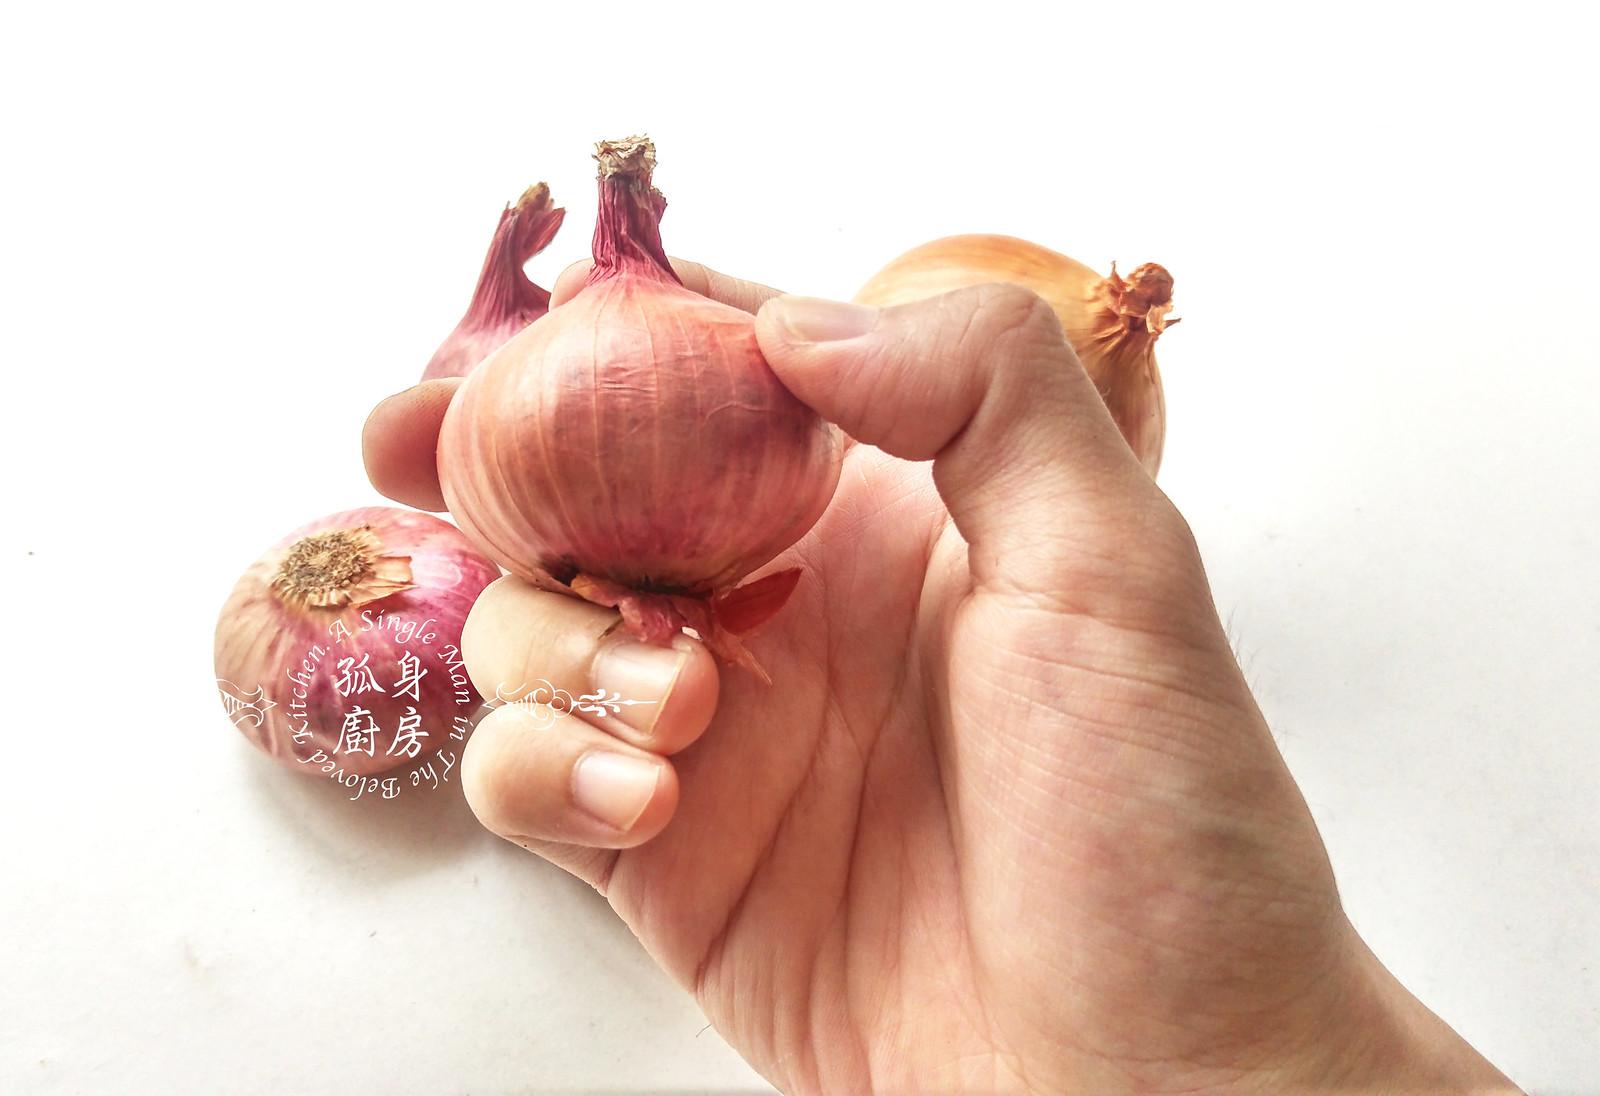 孤身廚房-毛蔥頭——加外掛版的洋蔥+紅蔥頭!超好用!4